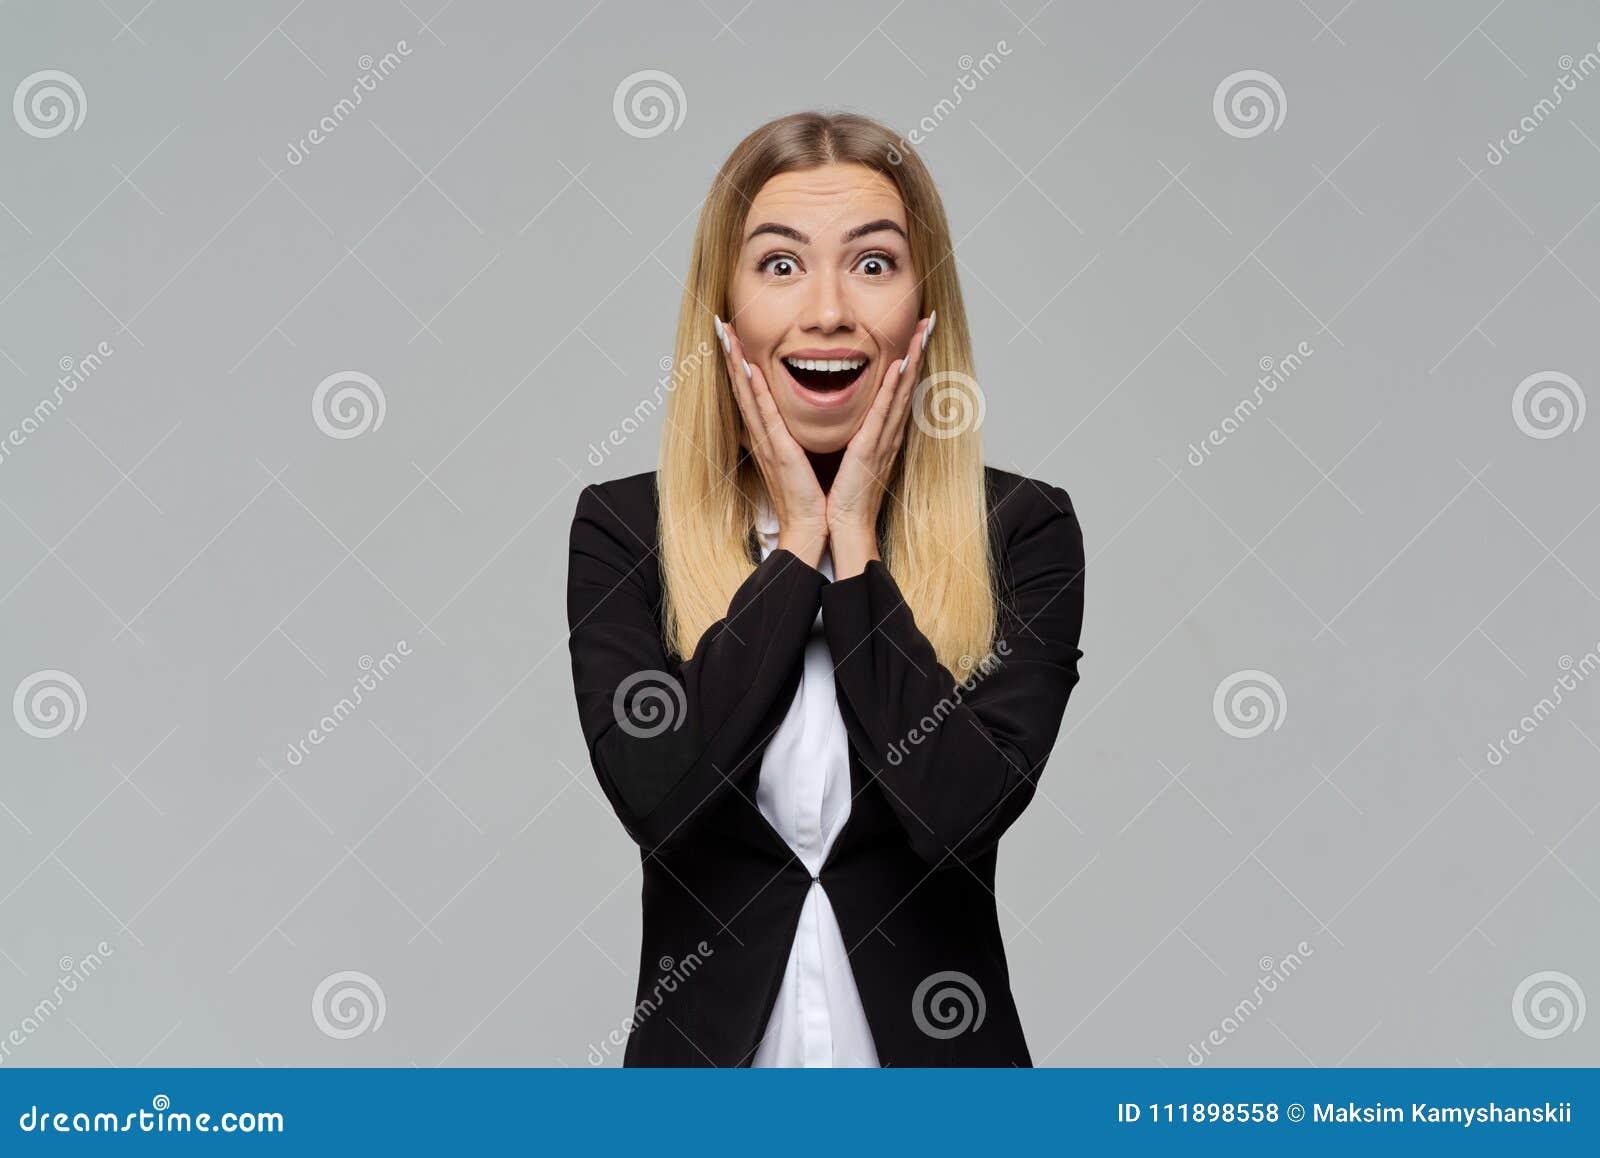 Een jong blondemeisje in een pak en een witte blouse opent wijd verrassend haar ogen en mond